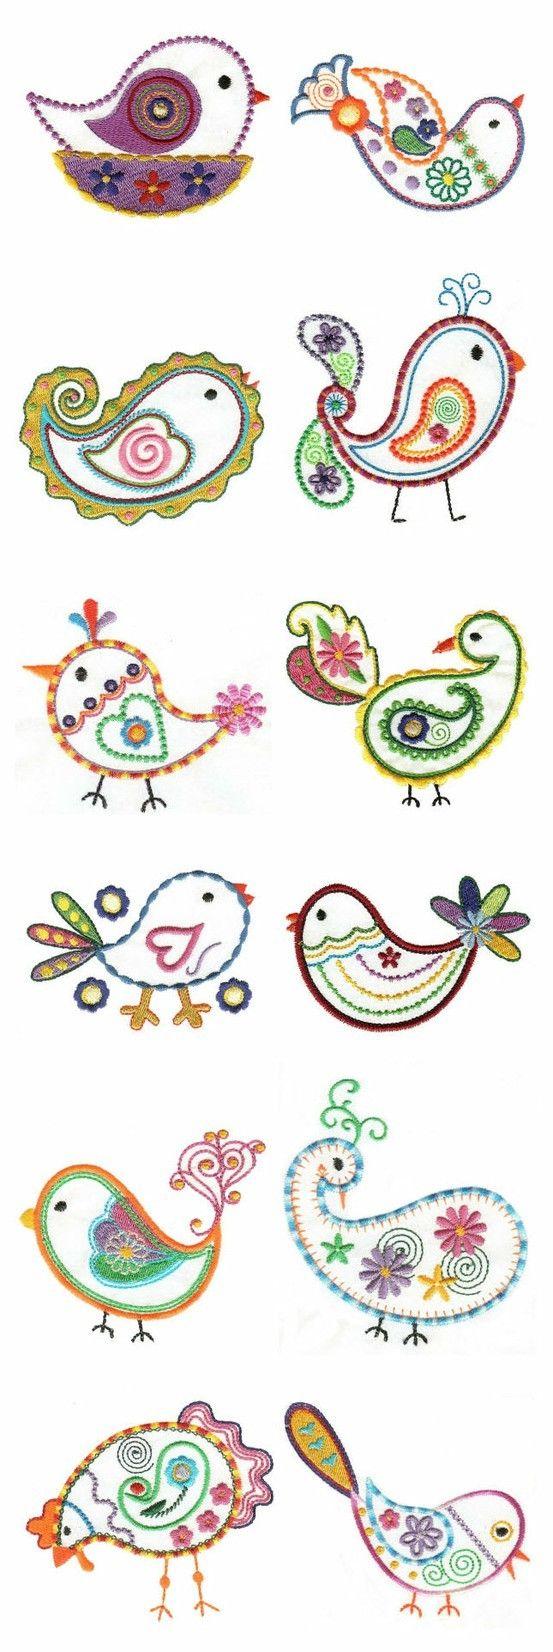 好多小鸡和小鸟,How to Draw , Study Resources for Art Students , CAPI ::: Create Art Portfolio Ideas at milliande.com, Art School Portfolio Work ,Whimsical, Cute, Kawaii,Doll.Girls